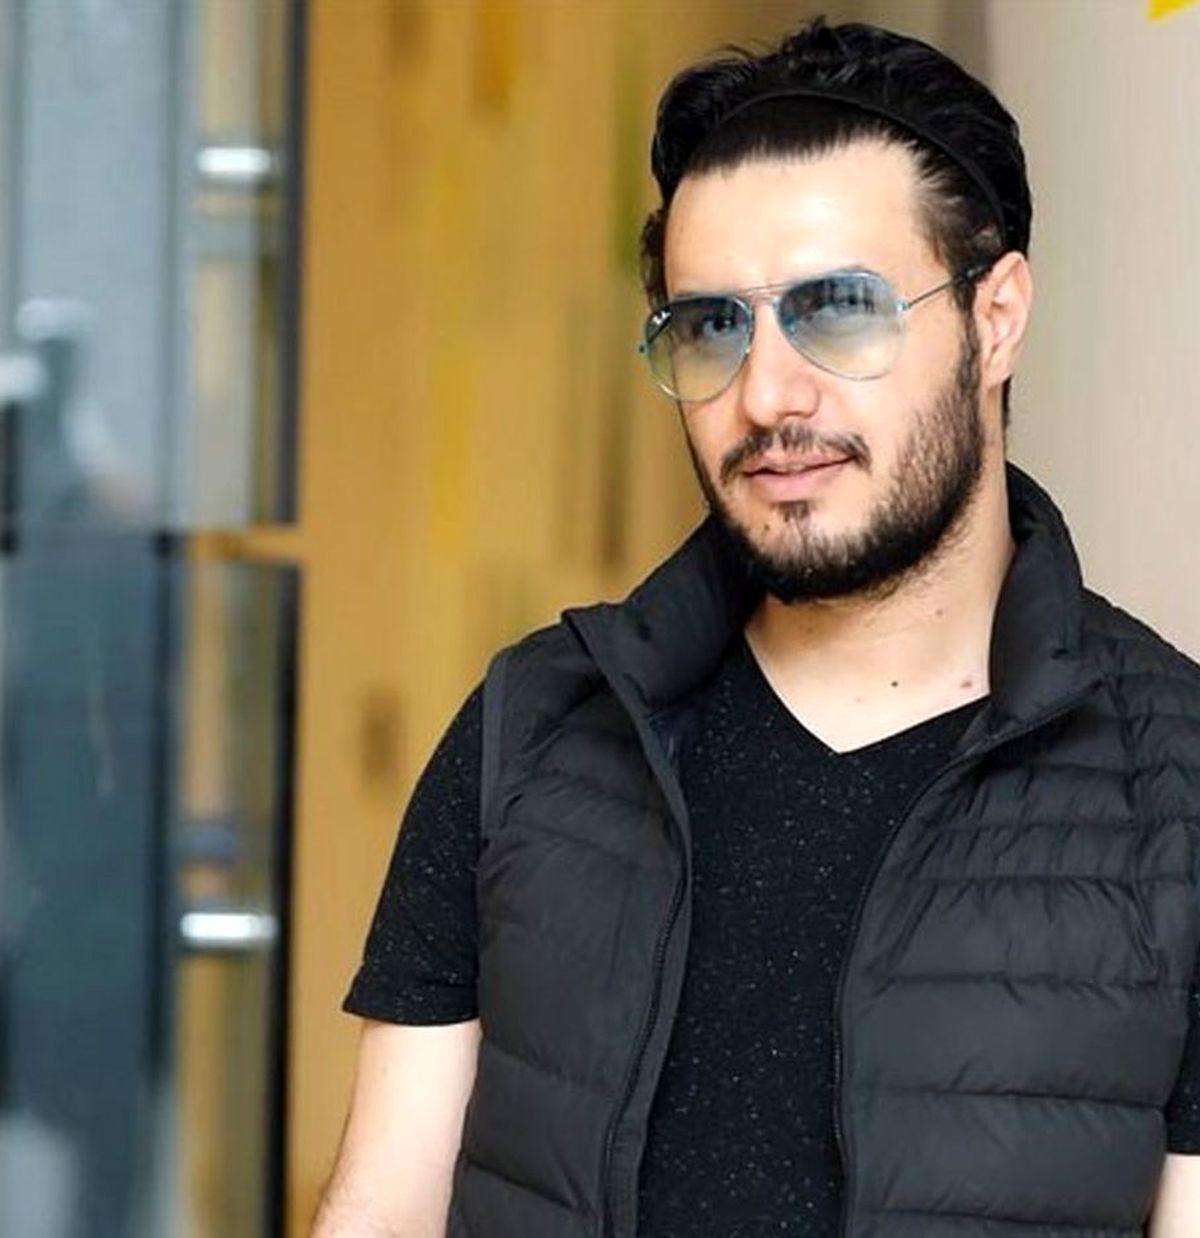 استایل جواد عزتی قبل و بعد از معروف شدنش! | عکس جواد عزتی